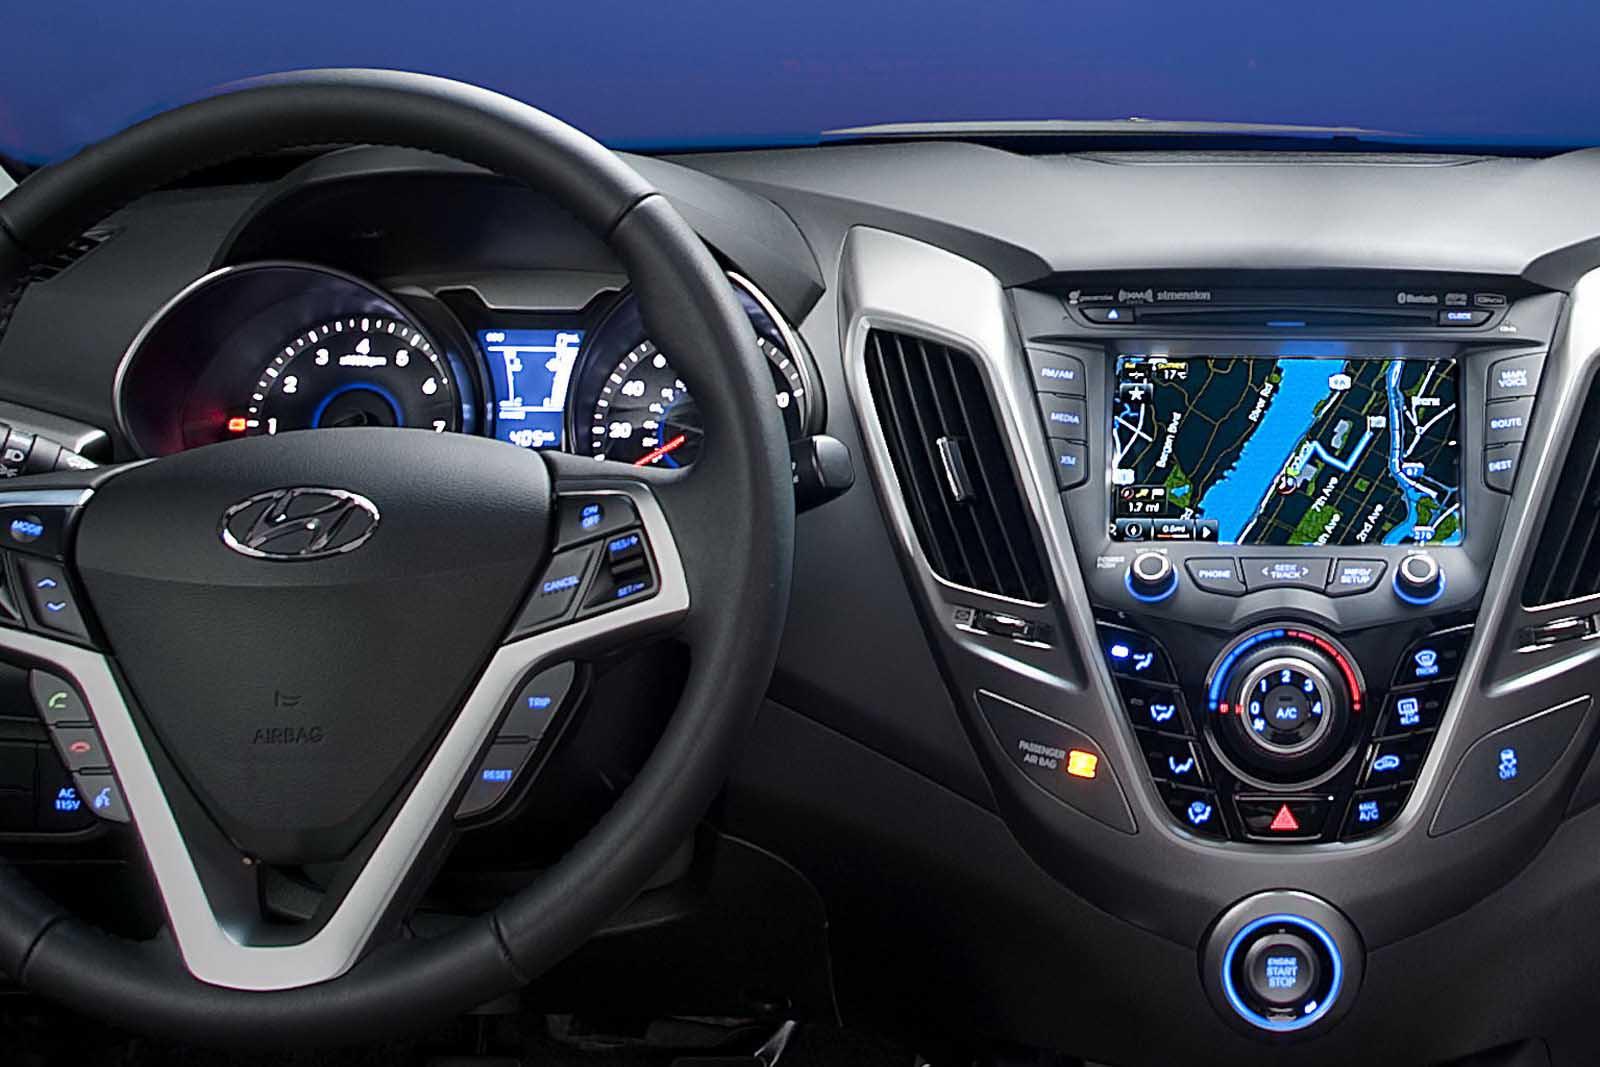 Hyundai Veloster Dashboard Aplicaciones Auto